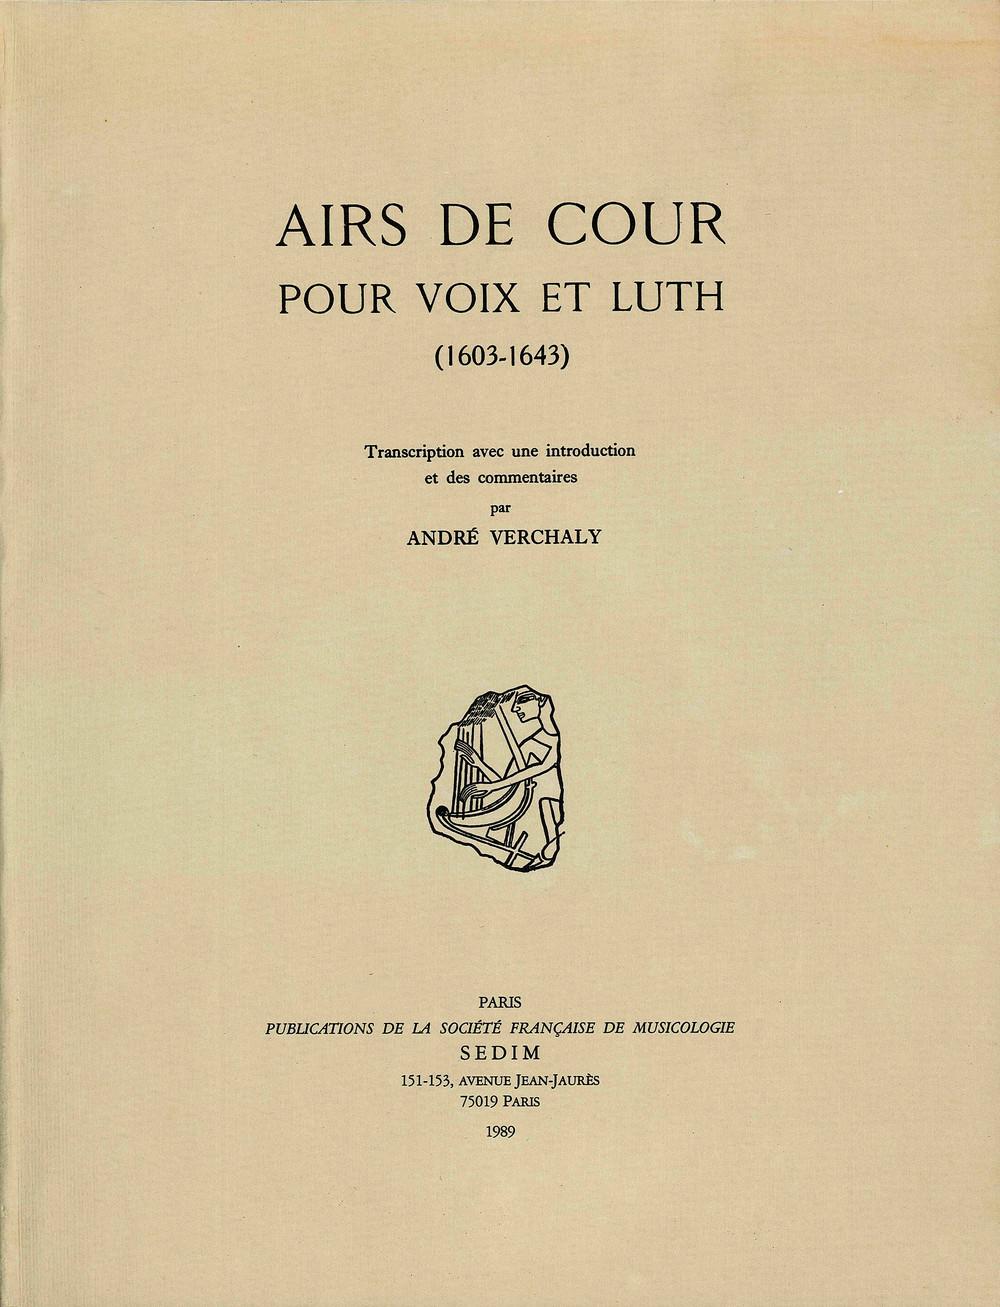 AIRS DE COUR POUR VOIX ET LUTH  (1603-1643)